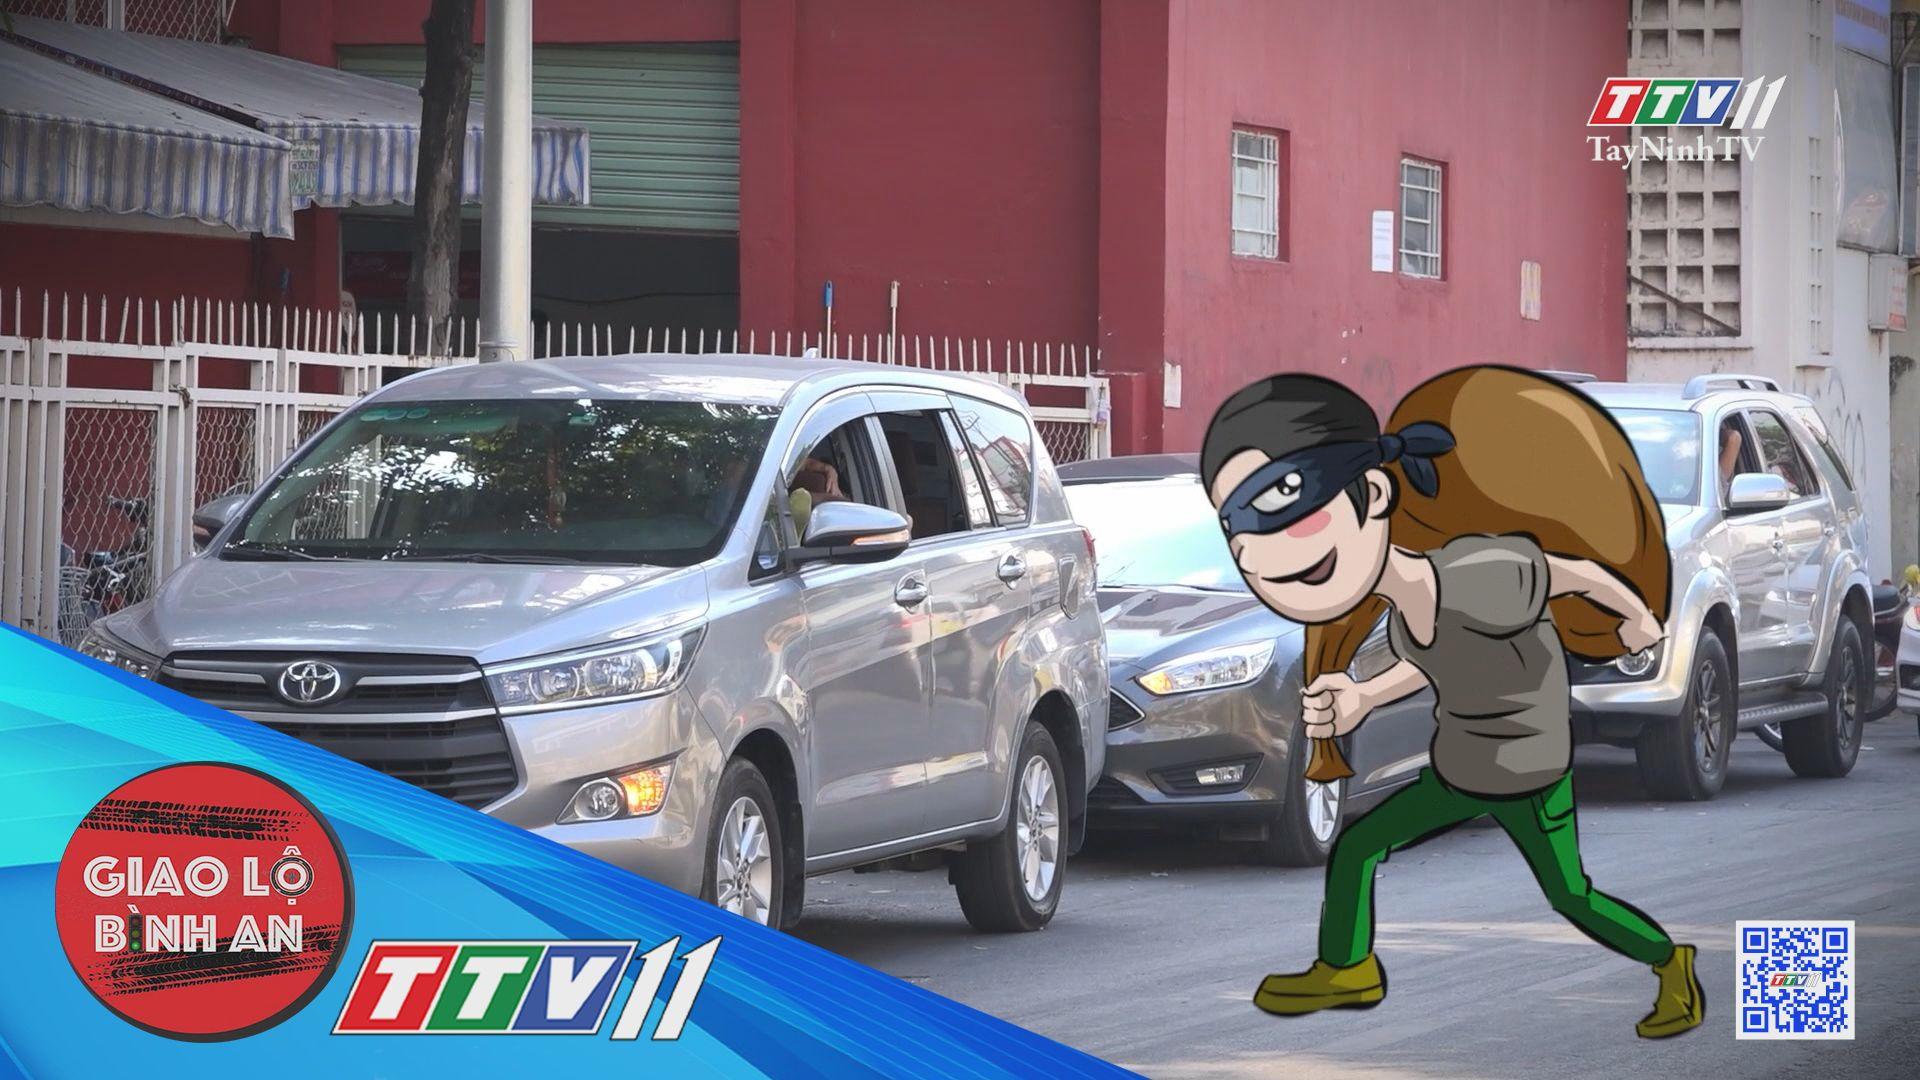 Đừng chủ quan khi để xe ô tô ngoài đường | GIAO LỘ BÌNH AN | TayNinhTVE